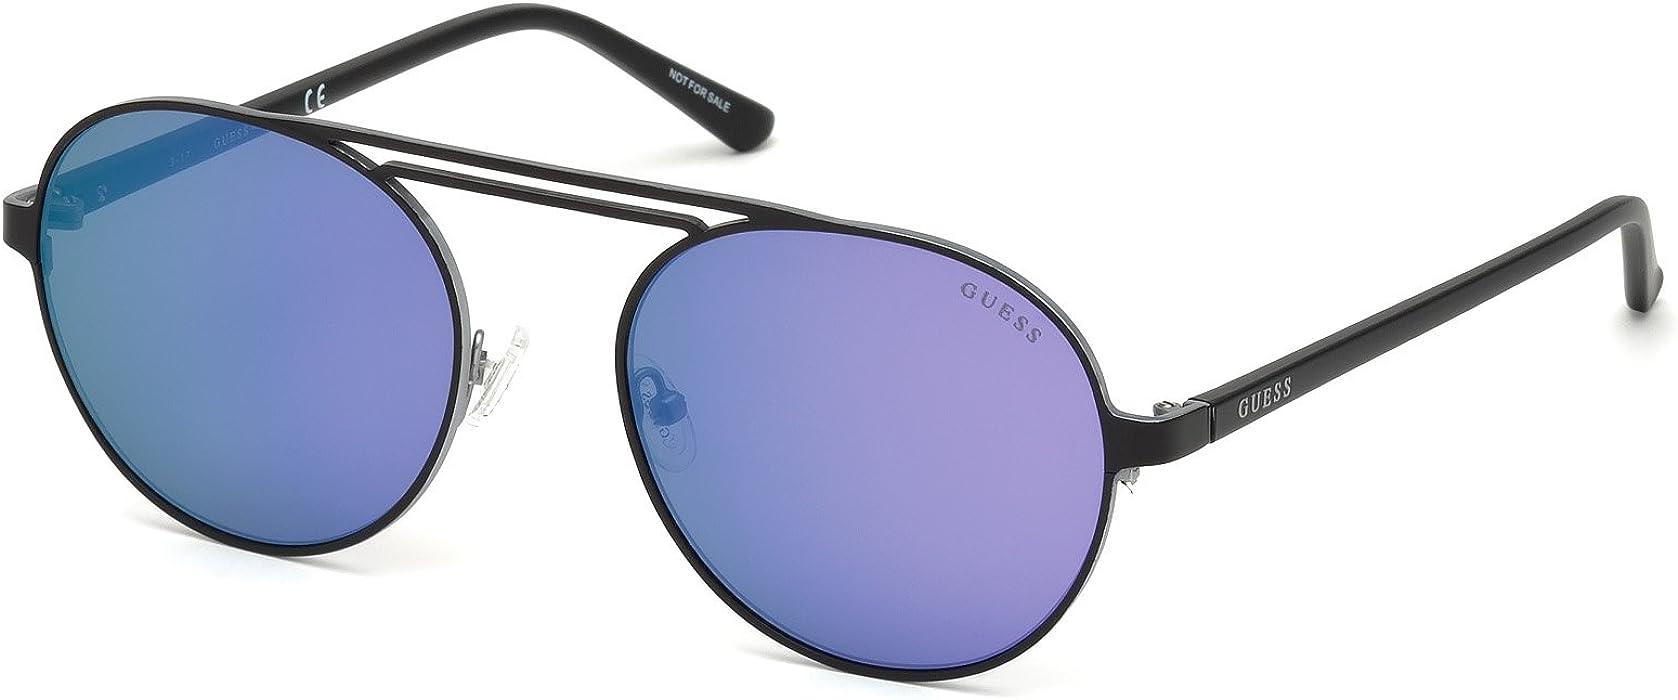 4f9379de9a01 Amazon.com  GUESS Gu3028 Round Sunglasses matte black   mirror ...